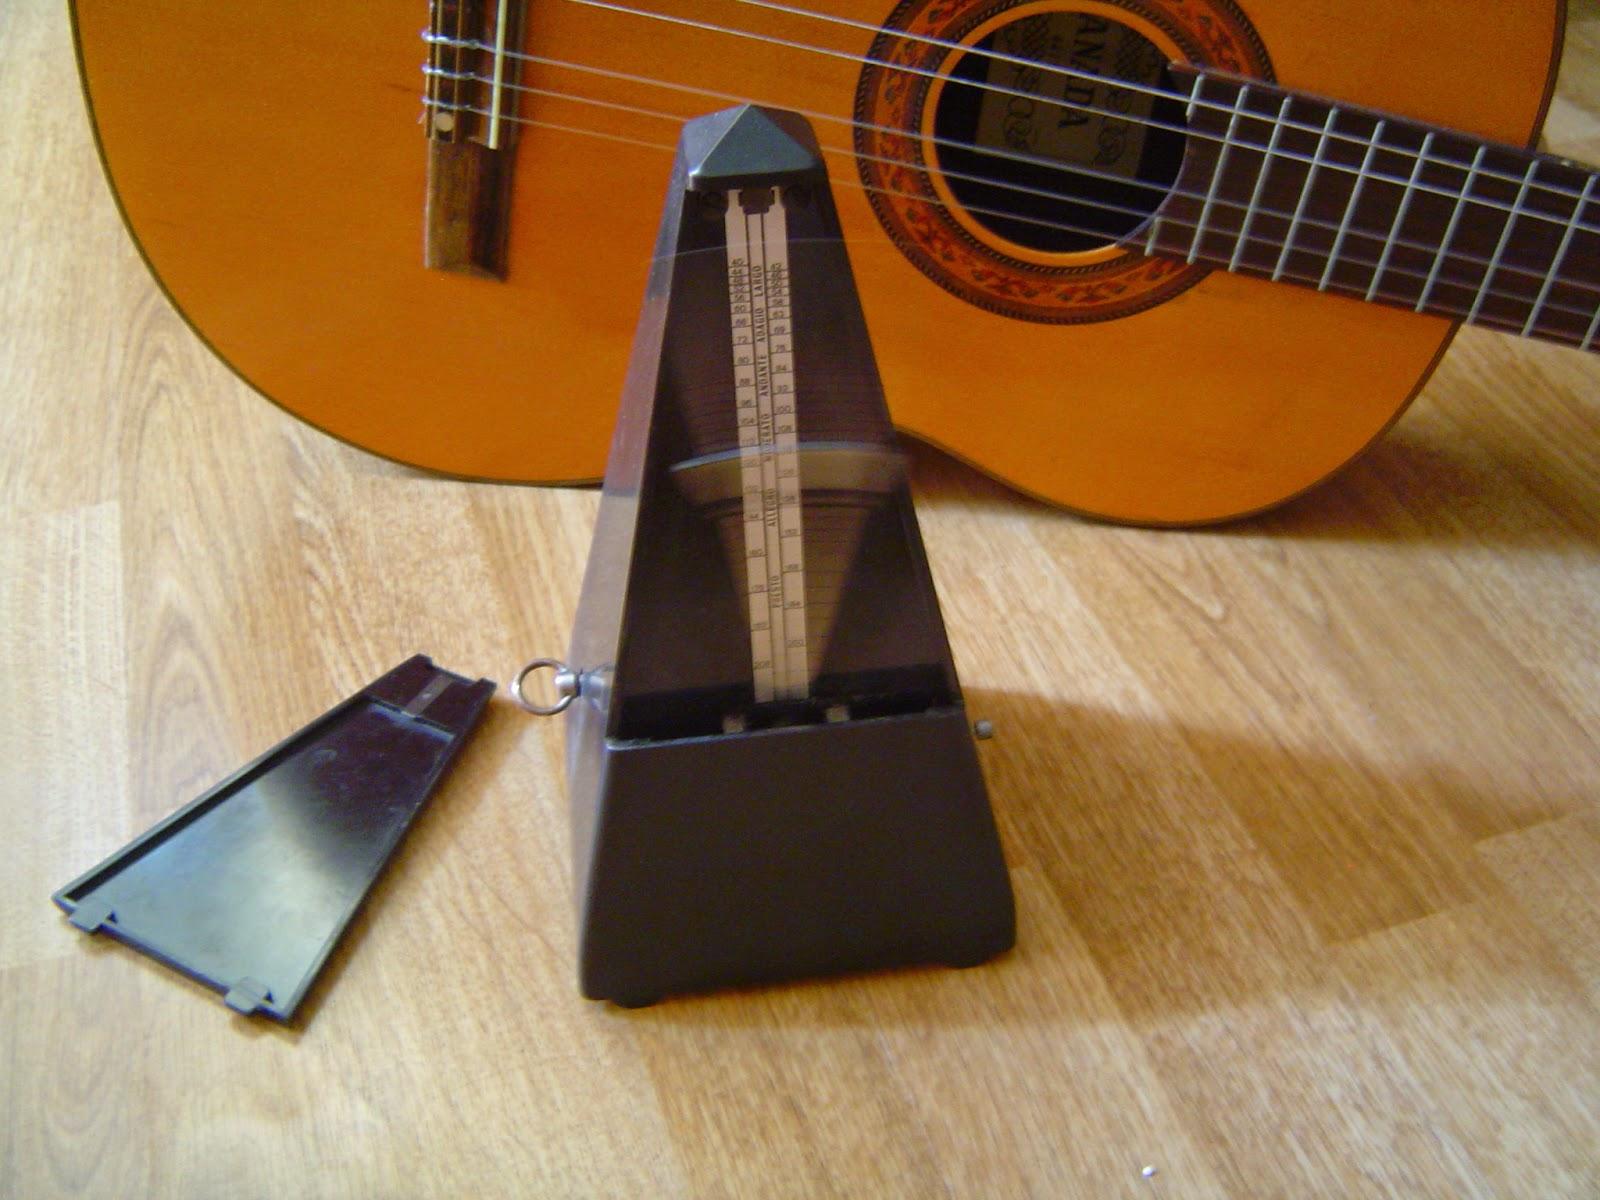 tips bermain gitar, berlatih gitar, metronome, belajar gitar,